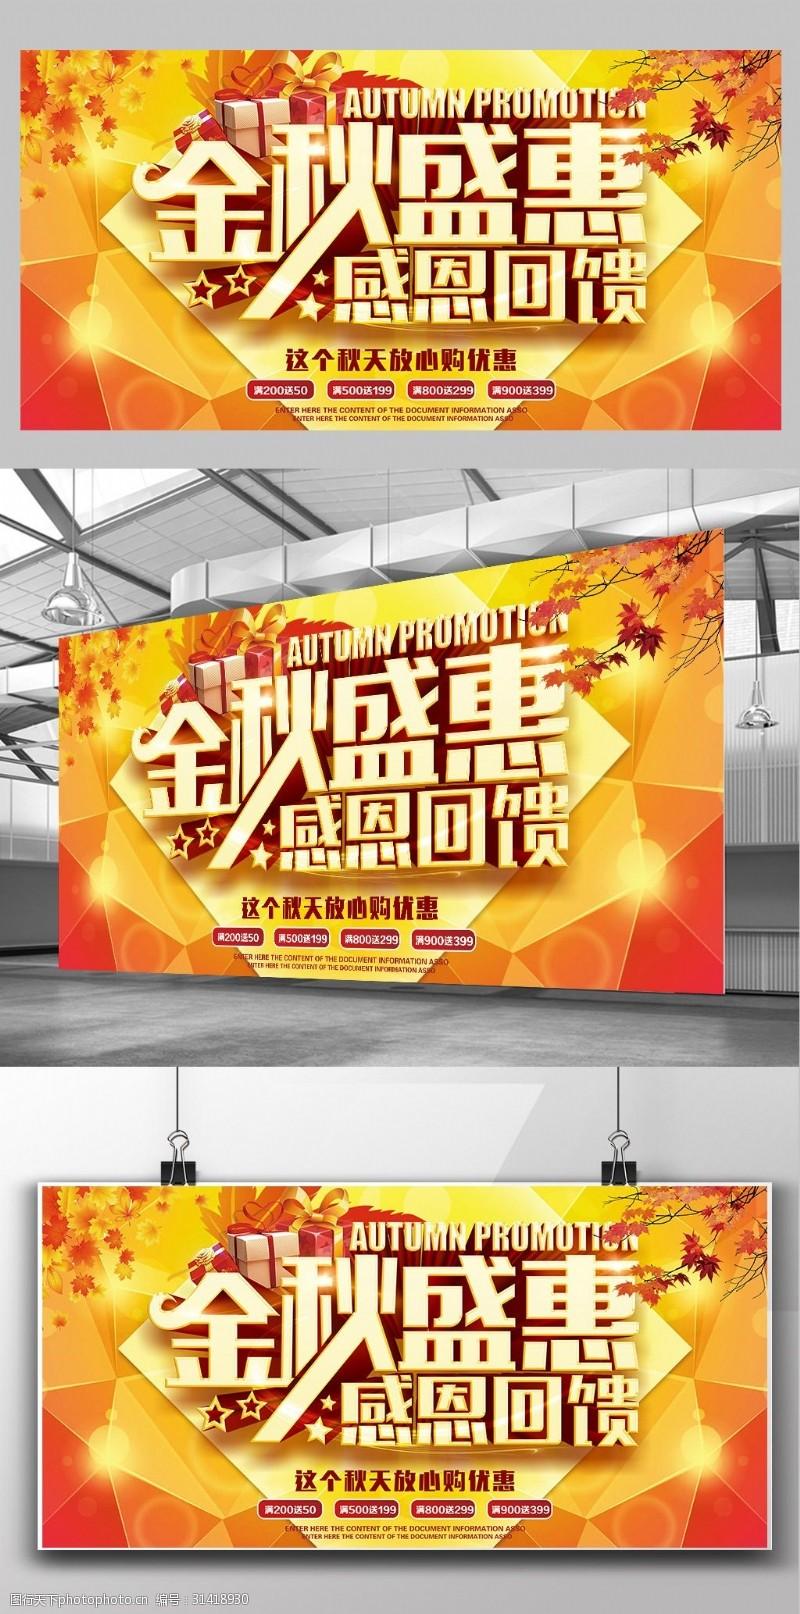 金秋送礼金秋盛惠POP打折促销宣传活动海报模板